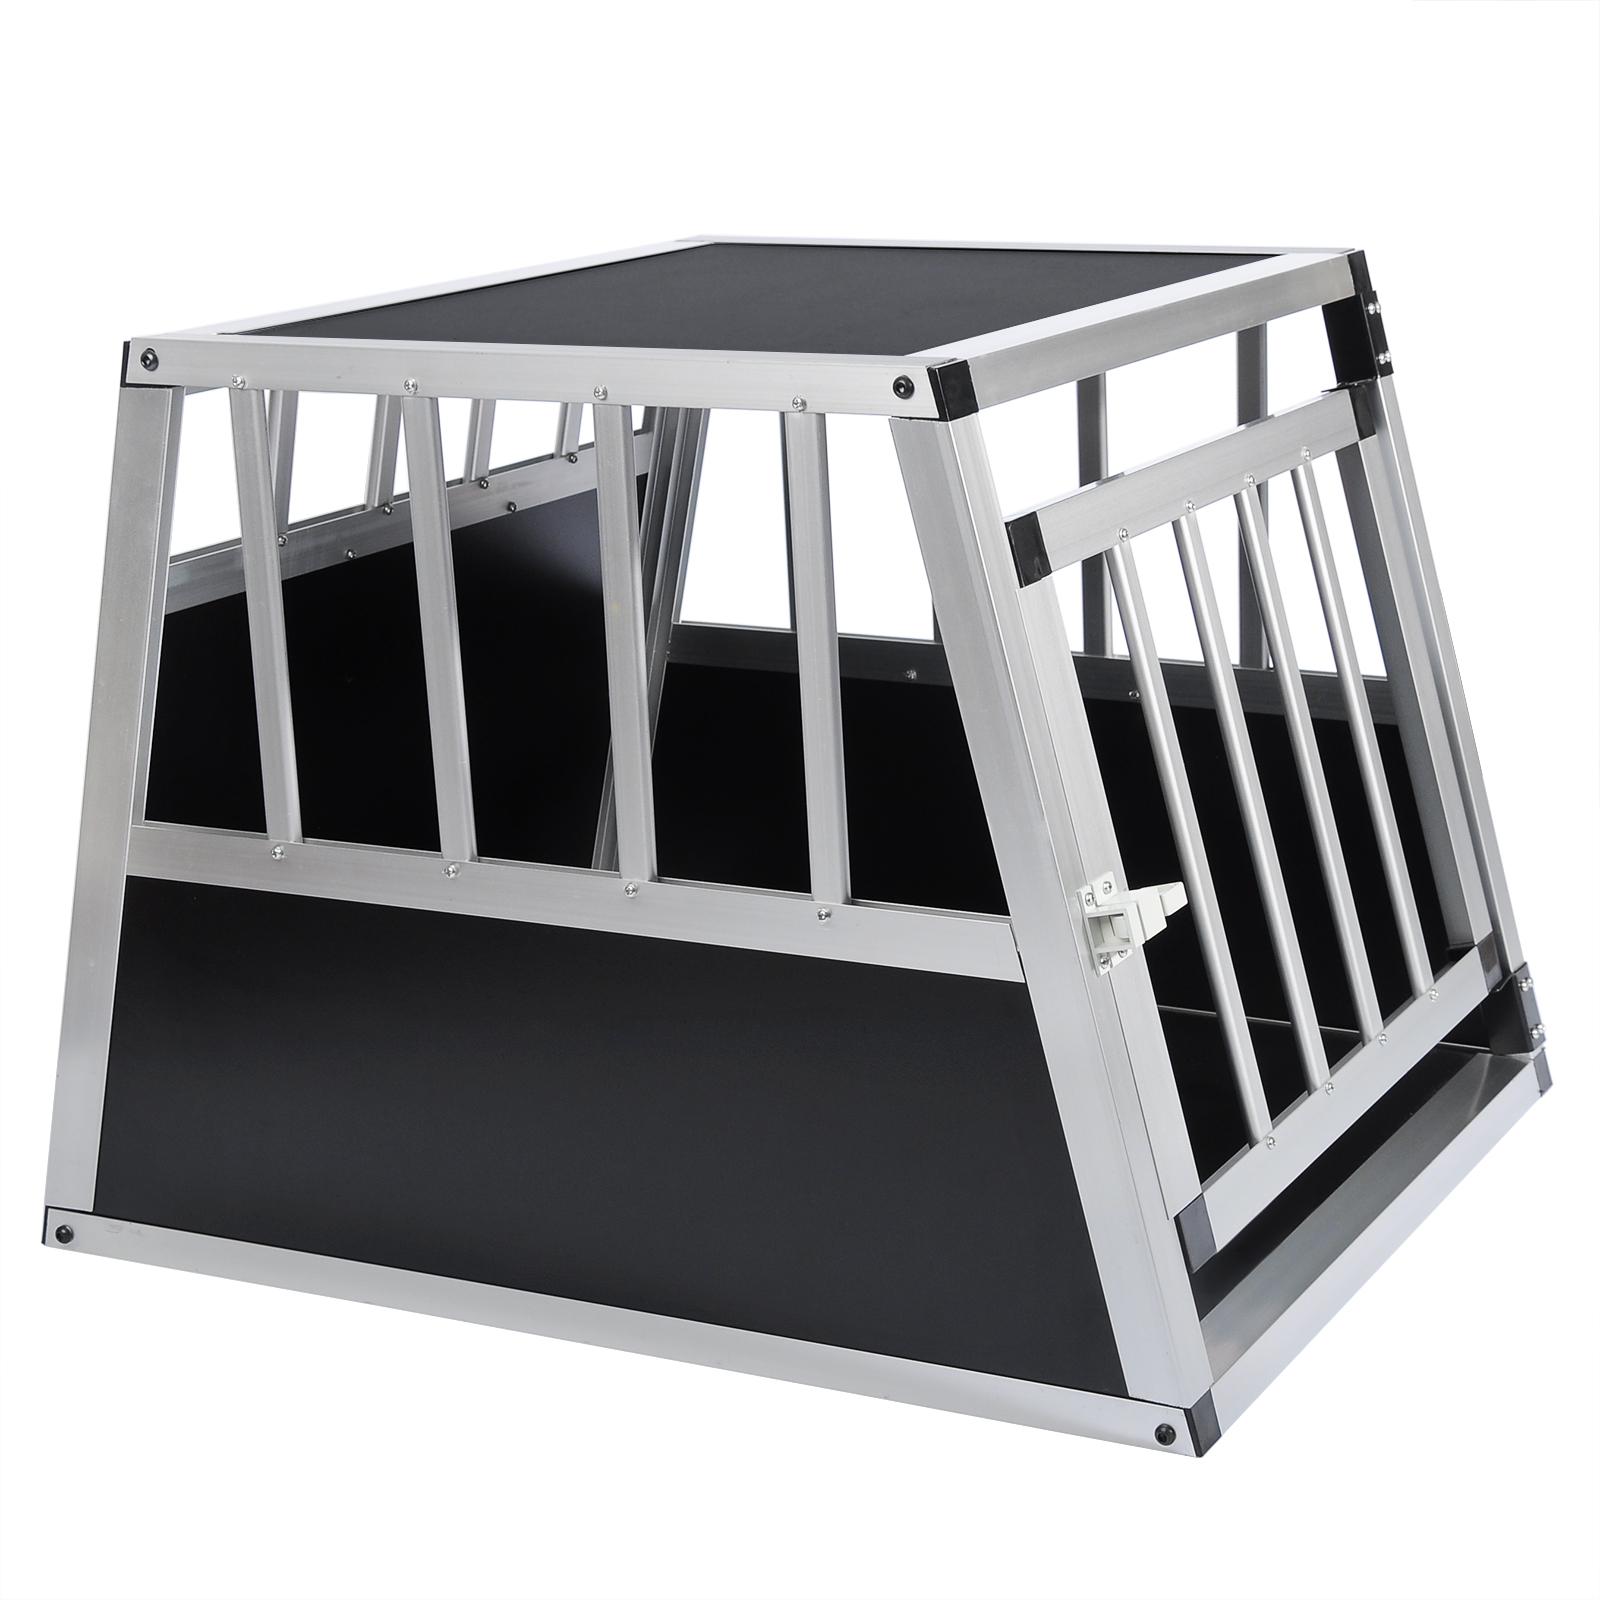 hundebox hundetransportbox gitterbox reisebox. Black Bedroom Furniture Sets. Home Design Ideas